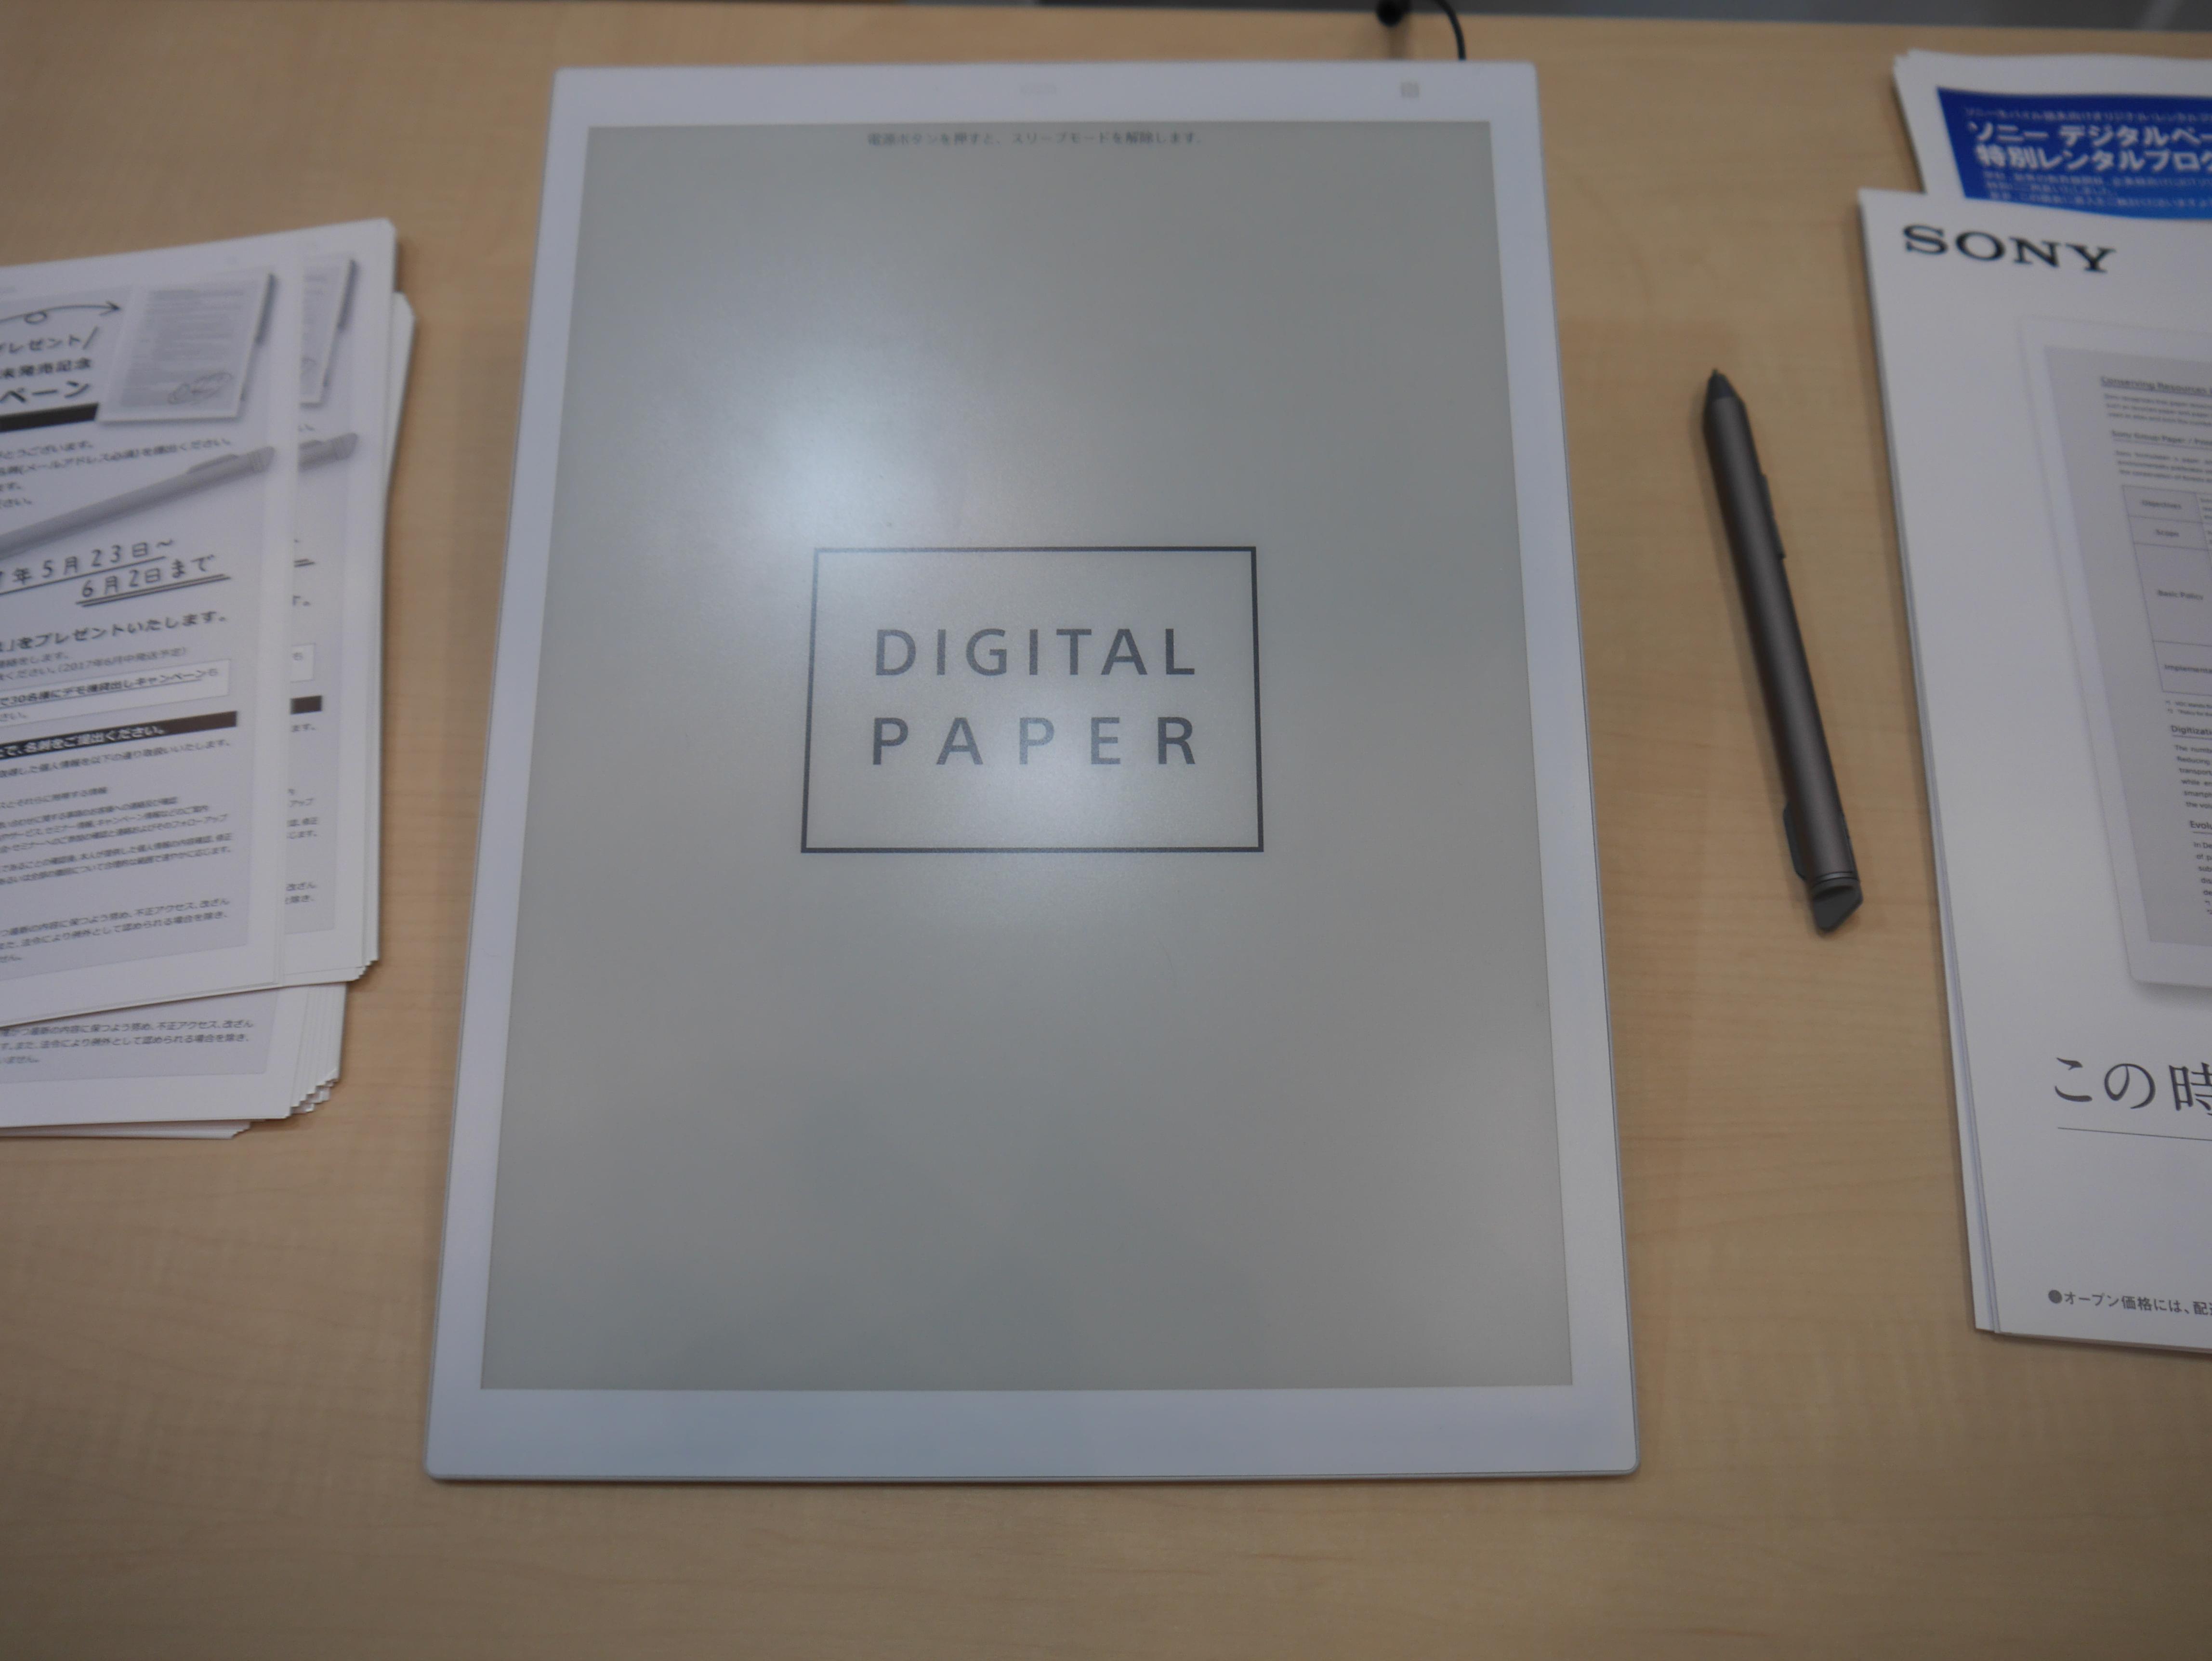 6月5日発売、ソニーのデジタルペーパー DPT-RP1 をいち早く触ってきた!Apple Pencilより書き味も抜群 (5/24より先行予約受付中)